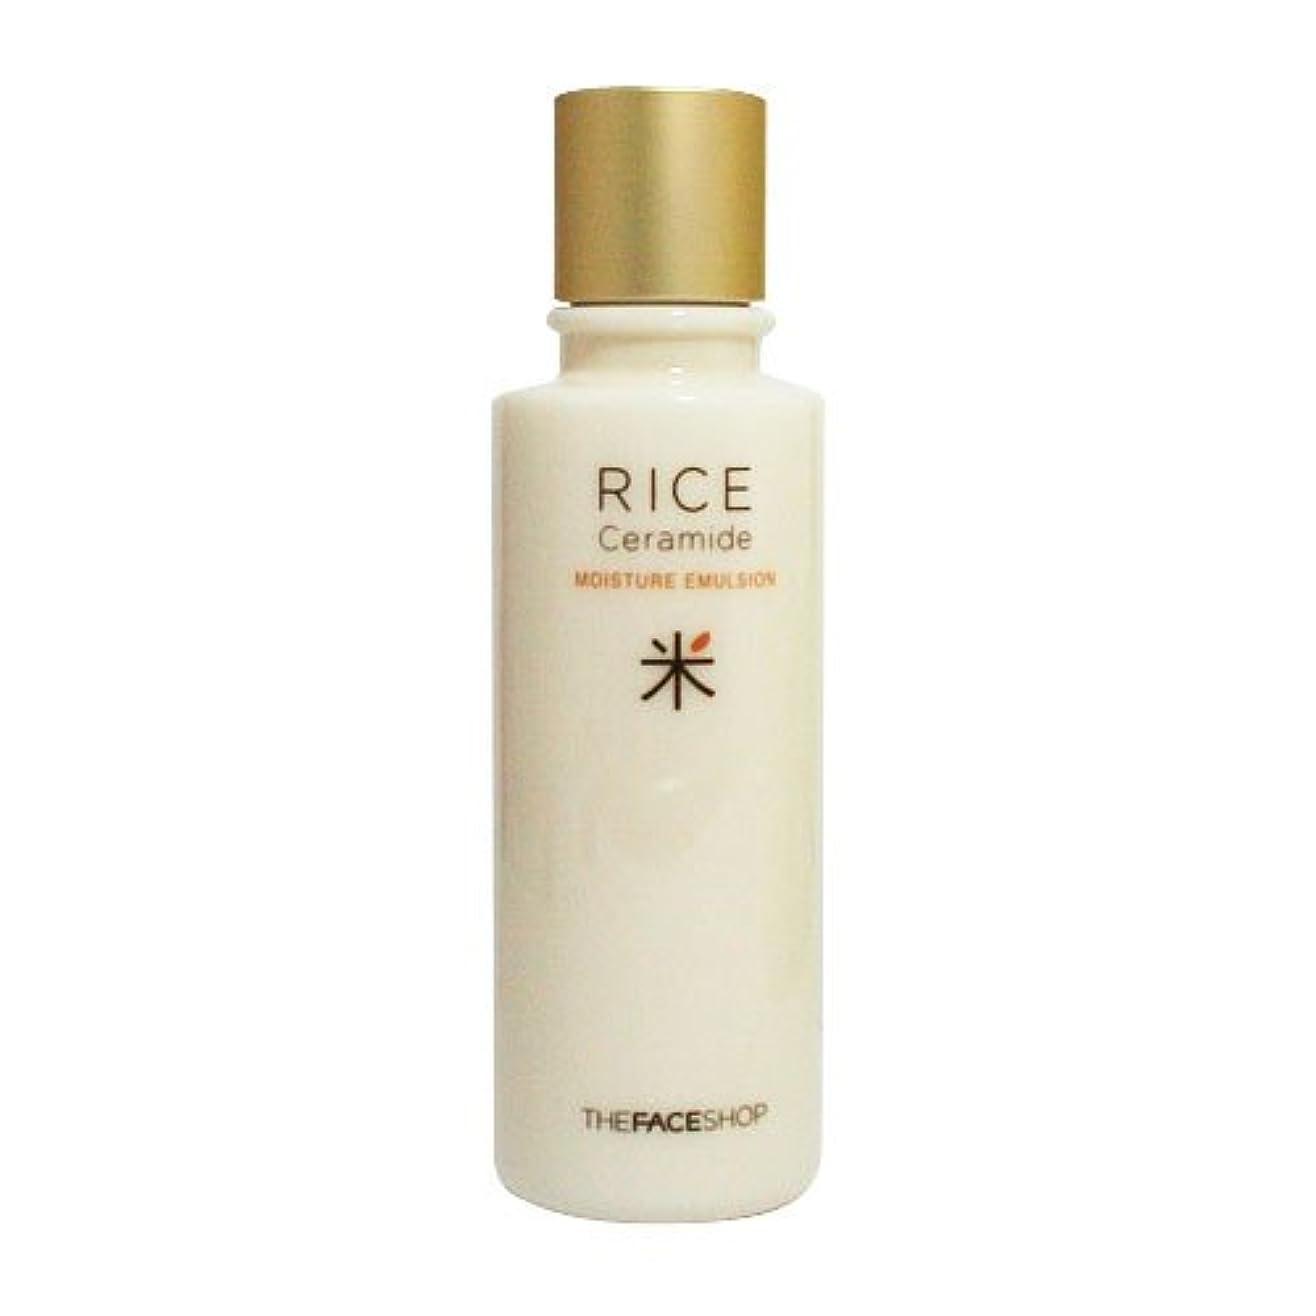 オーチャードインシュレータタック[ザ?フェイスショップ] The Face Shop ライス&セラミド モイスチャーエマルジョン Rice & Ceramide Moisture Emulsion [並行輸入品]